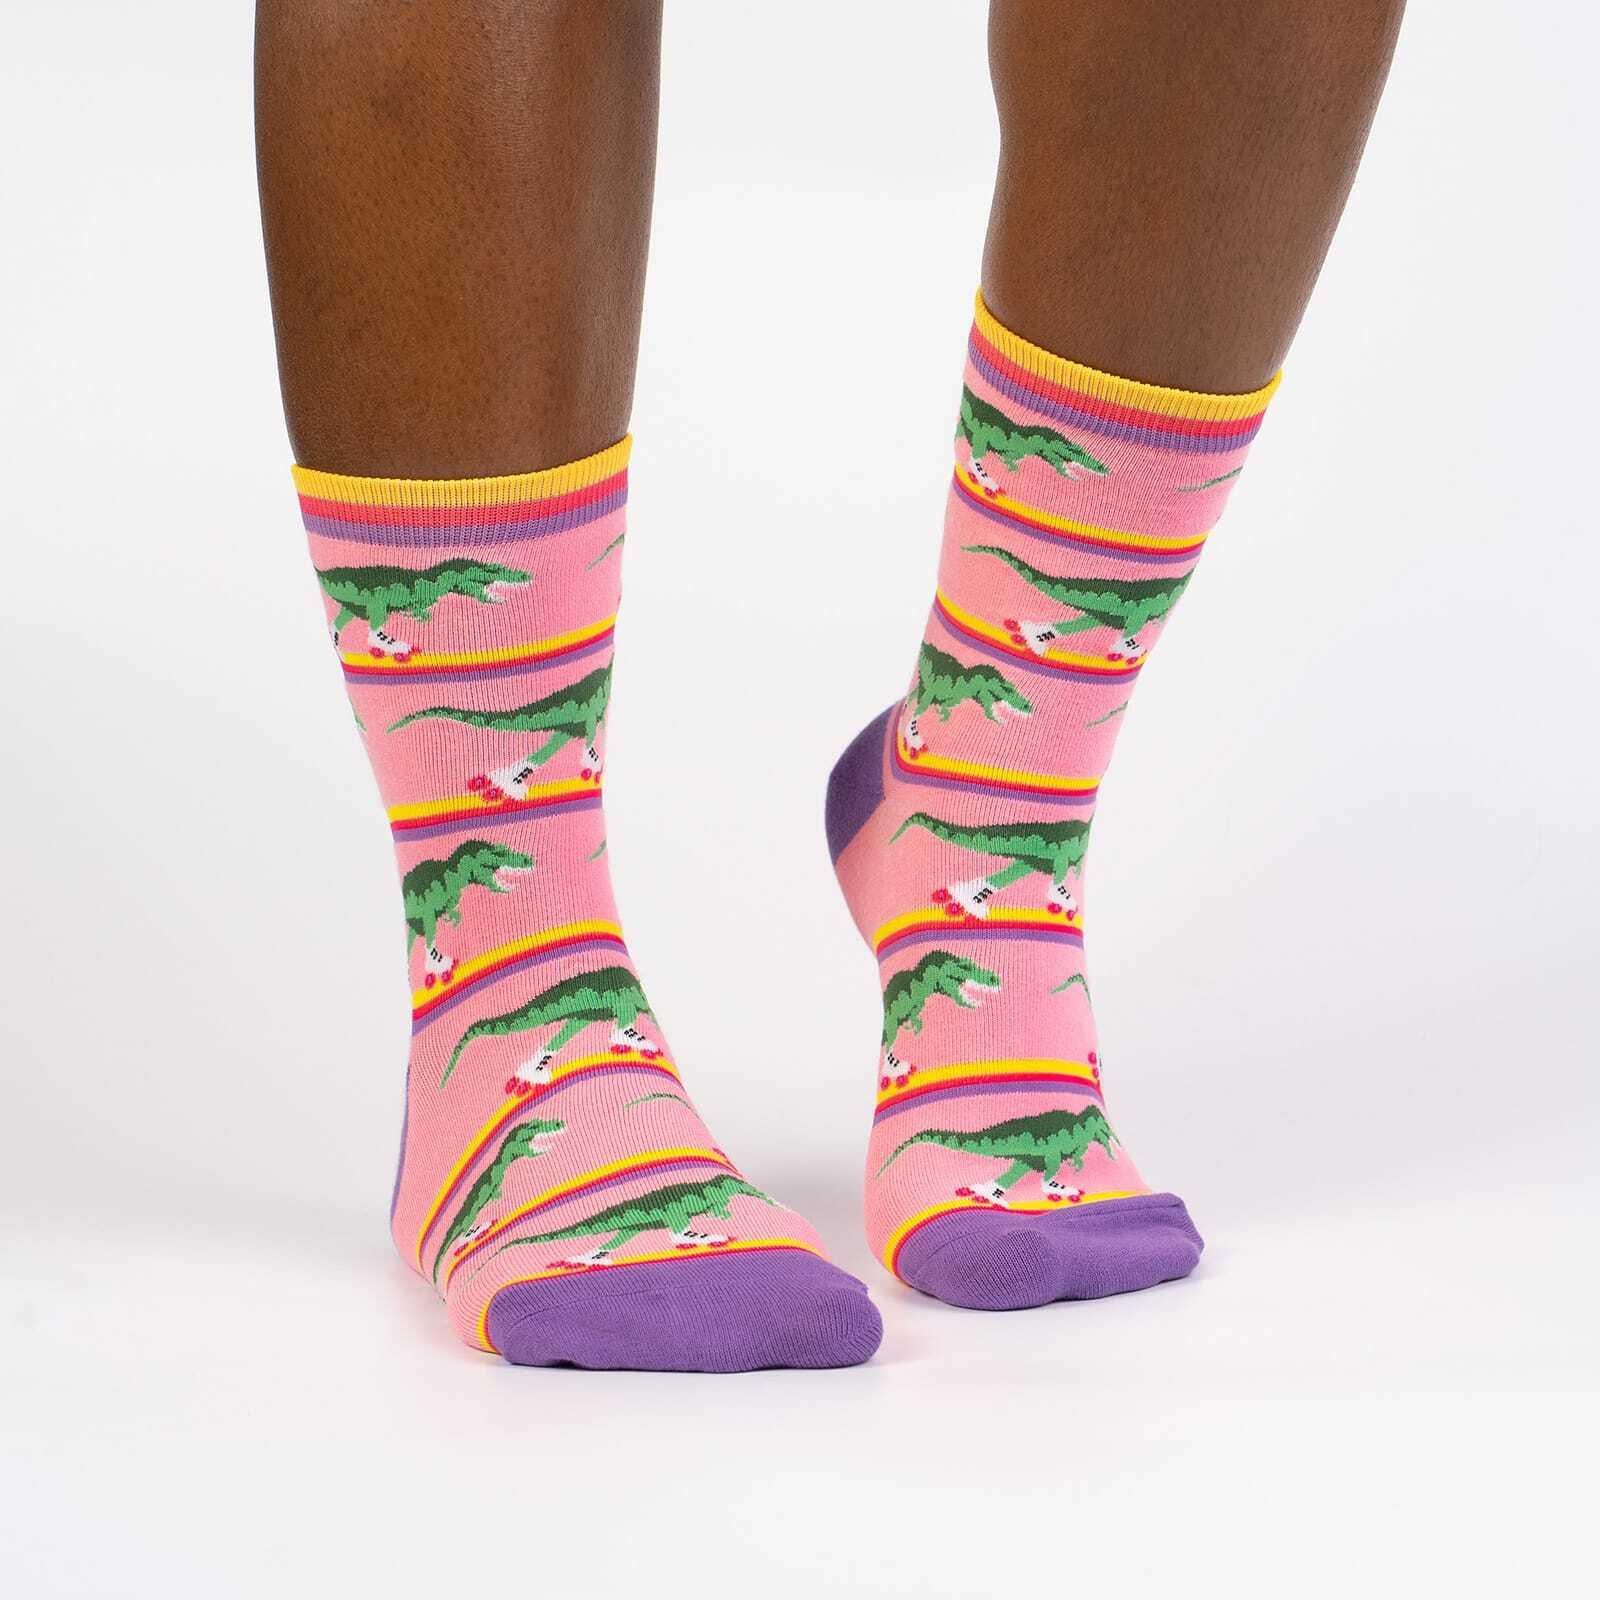 Rawr-ler Rink Women's Crew Socks